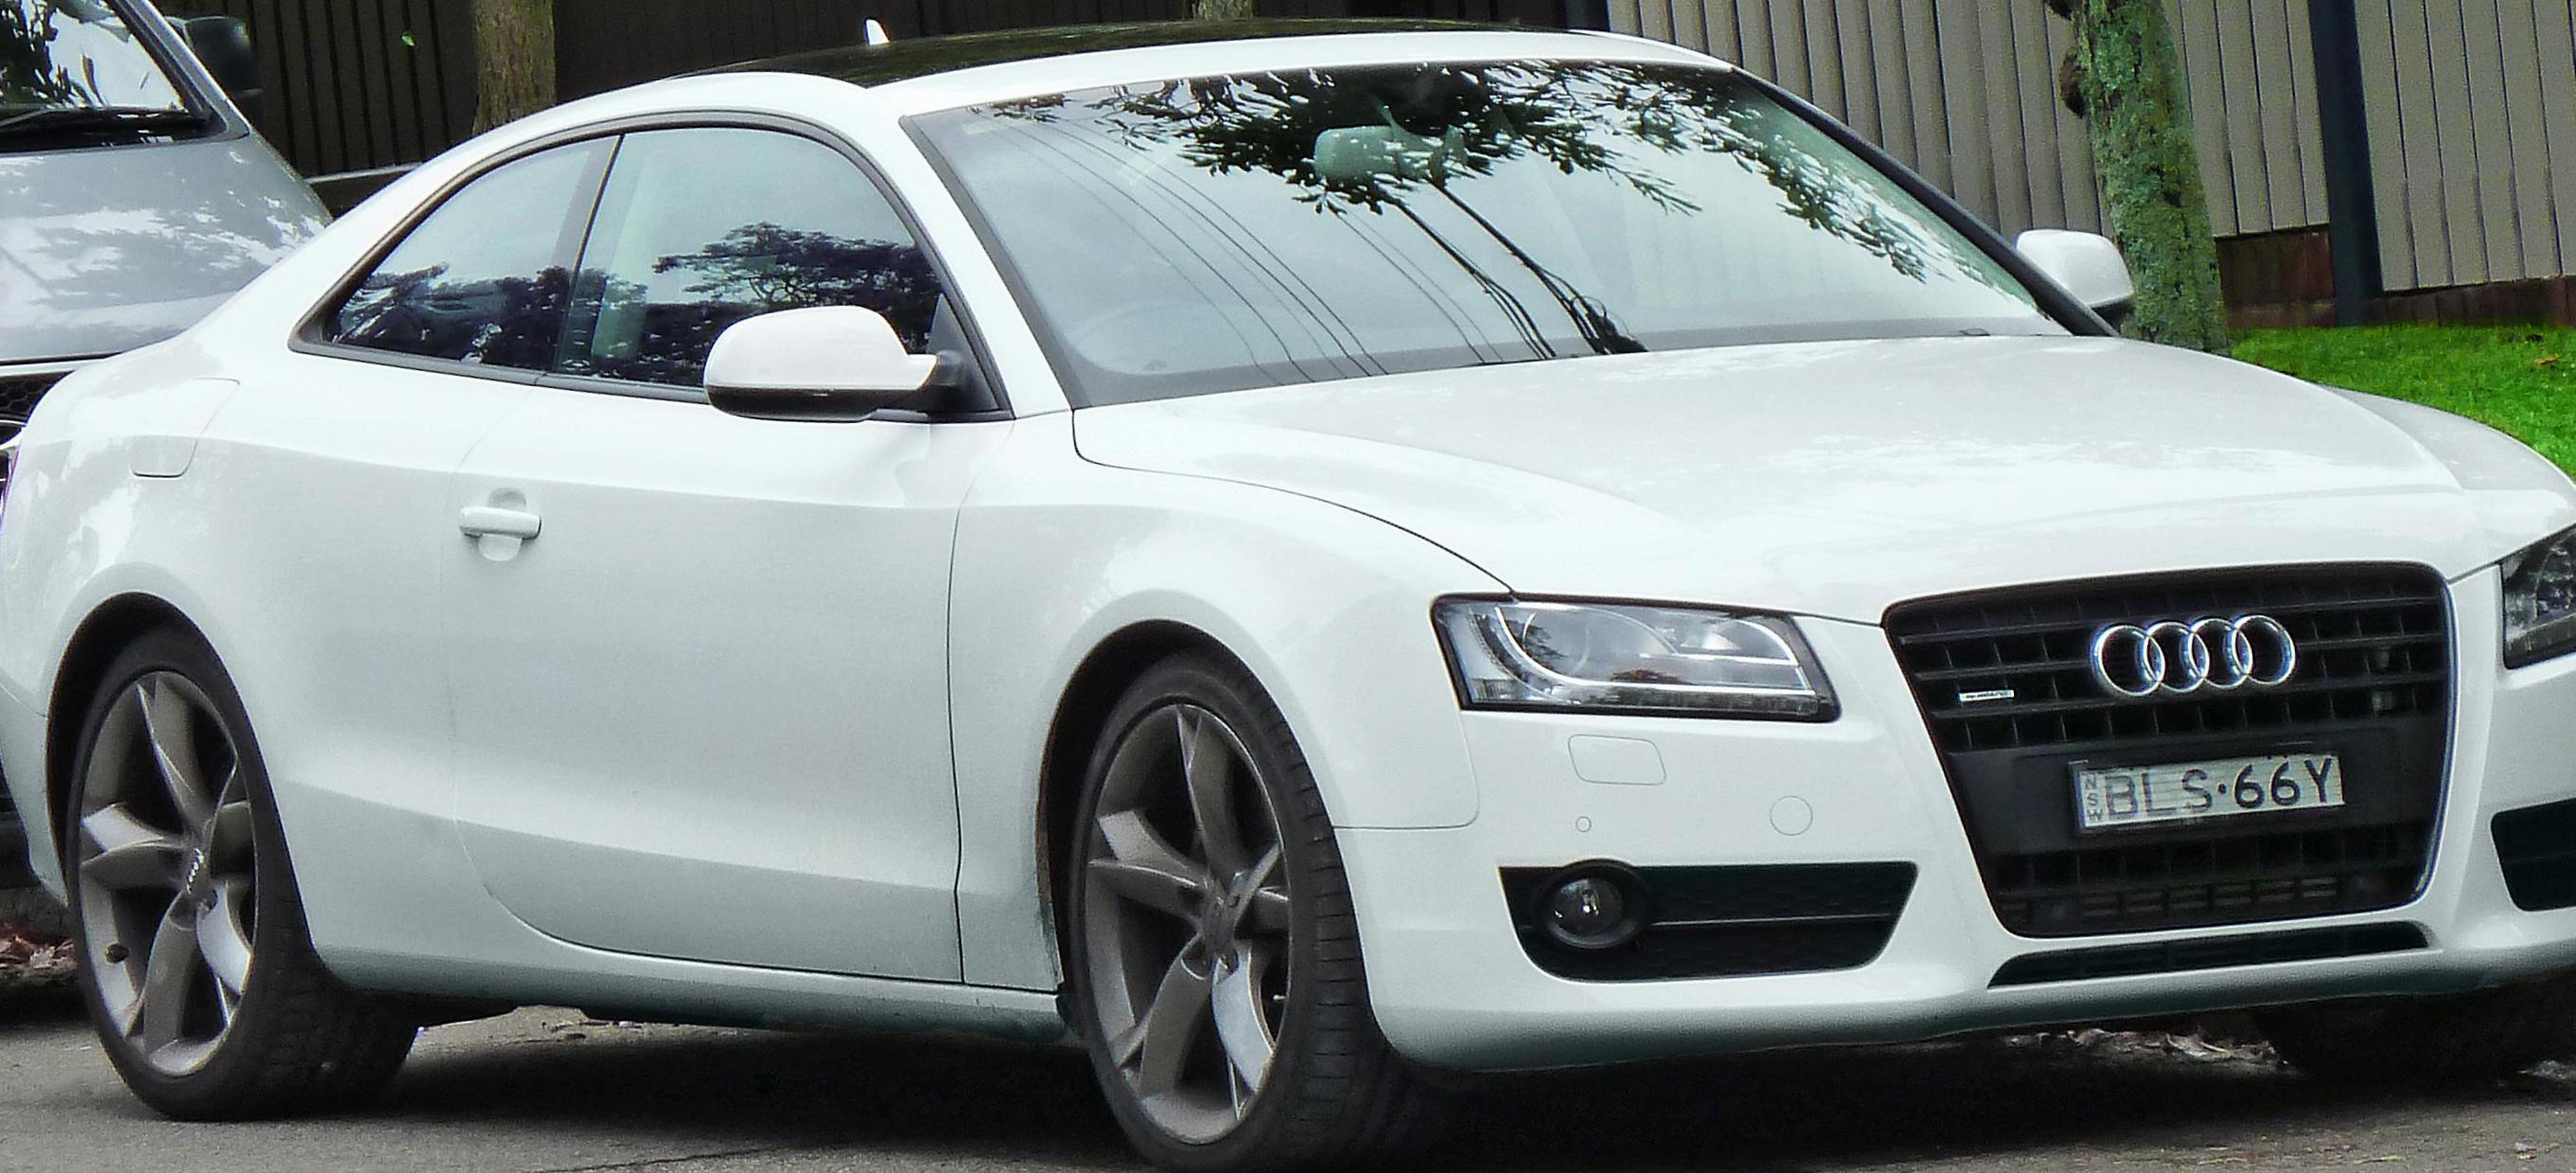 Kekurangan Audi A5 2005 Harga